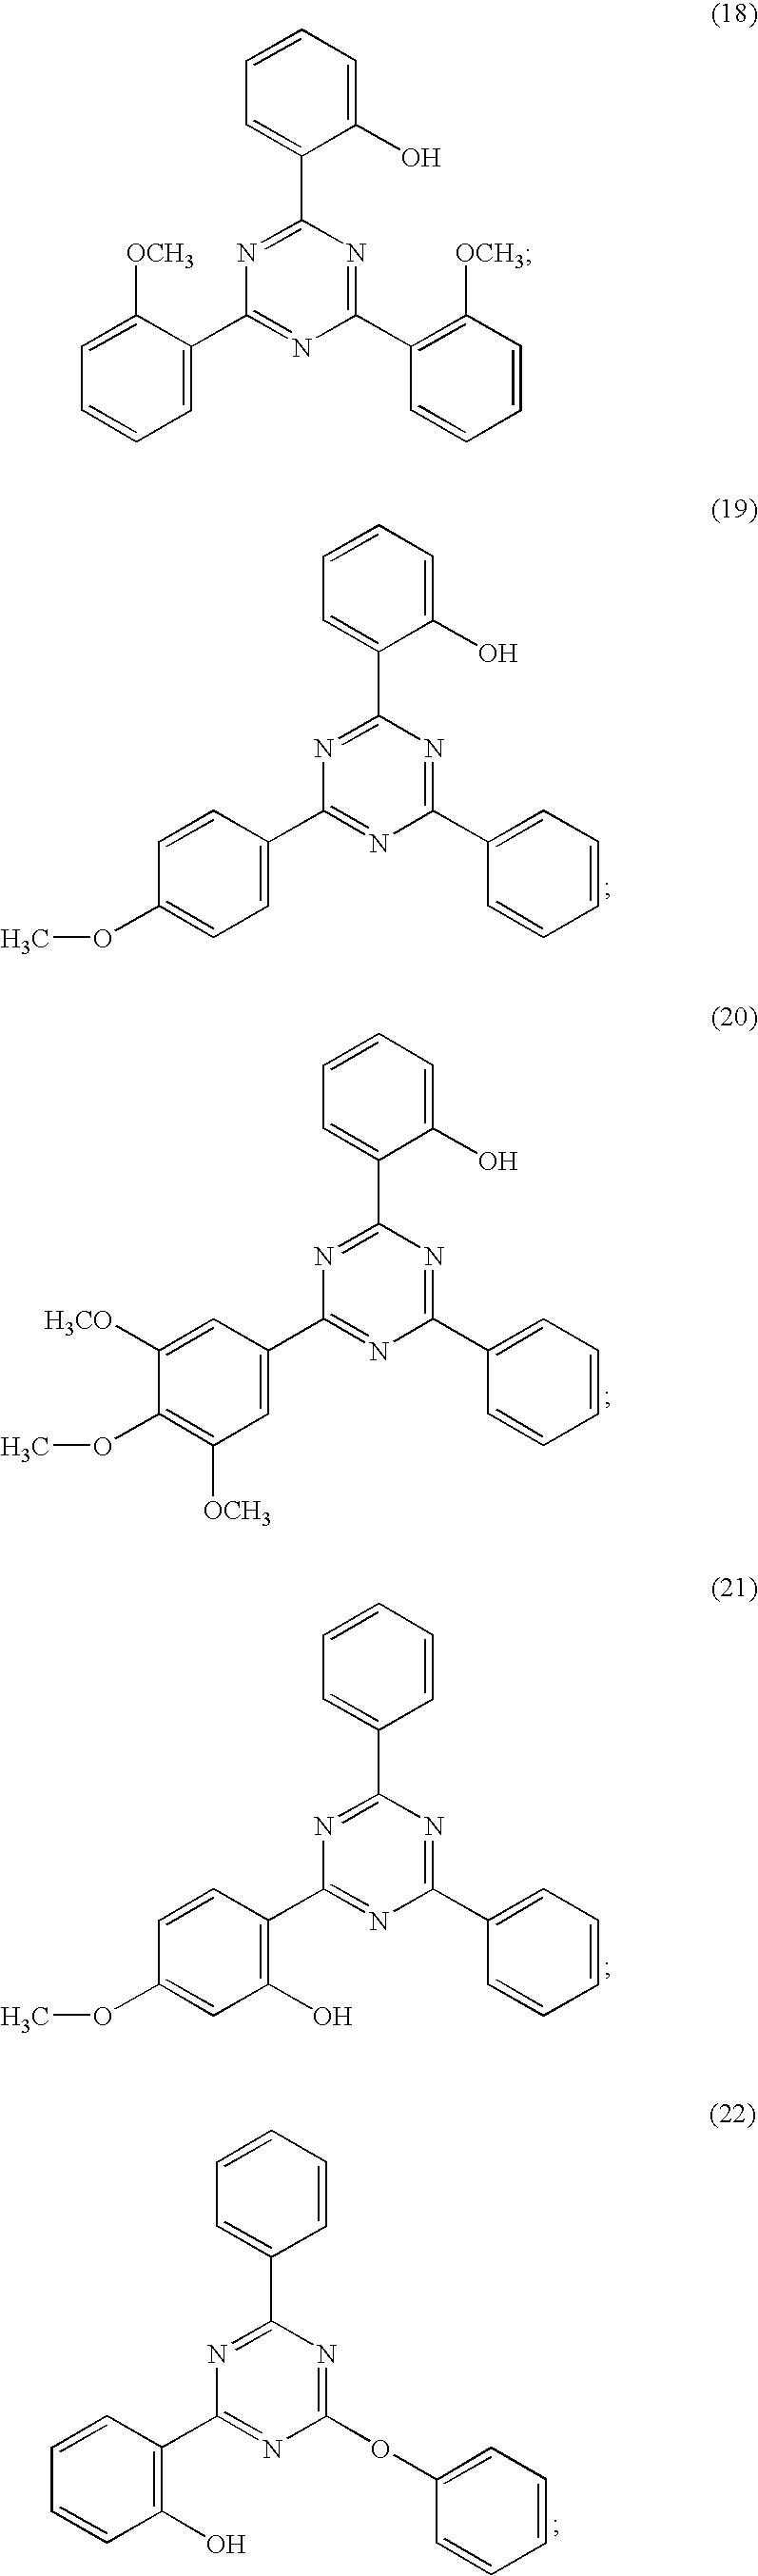 Figure US09669243-20170606-C00033